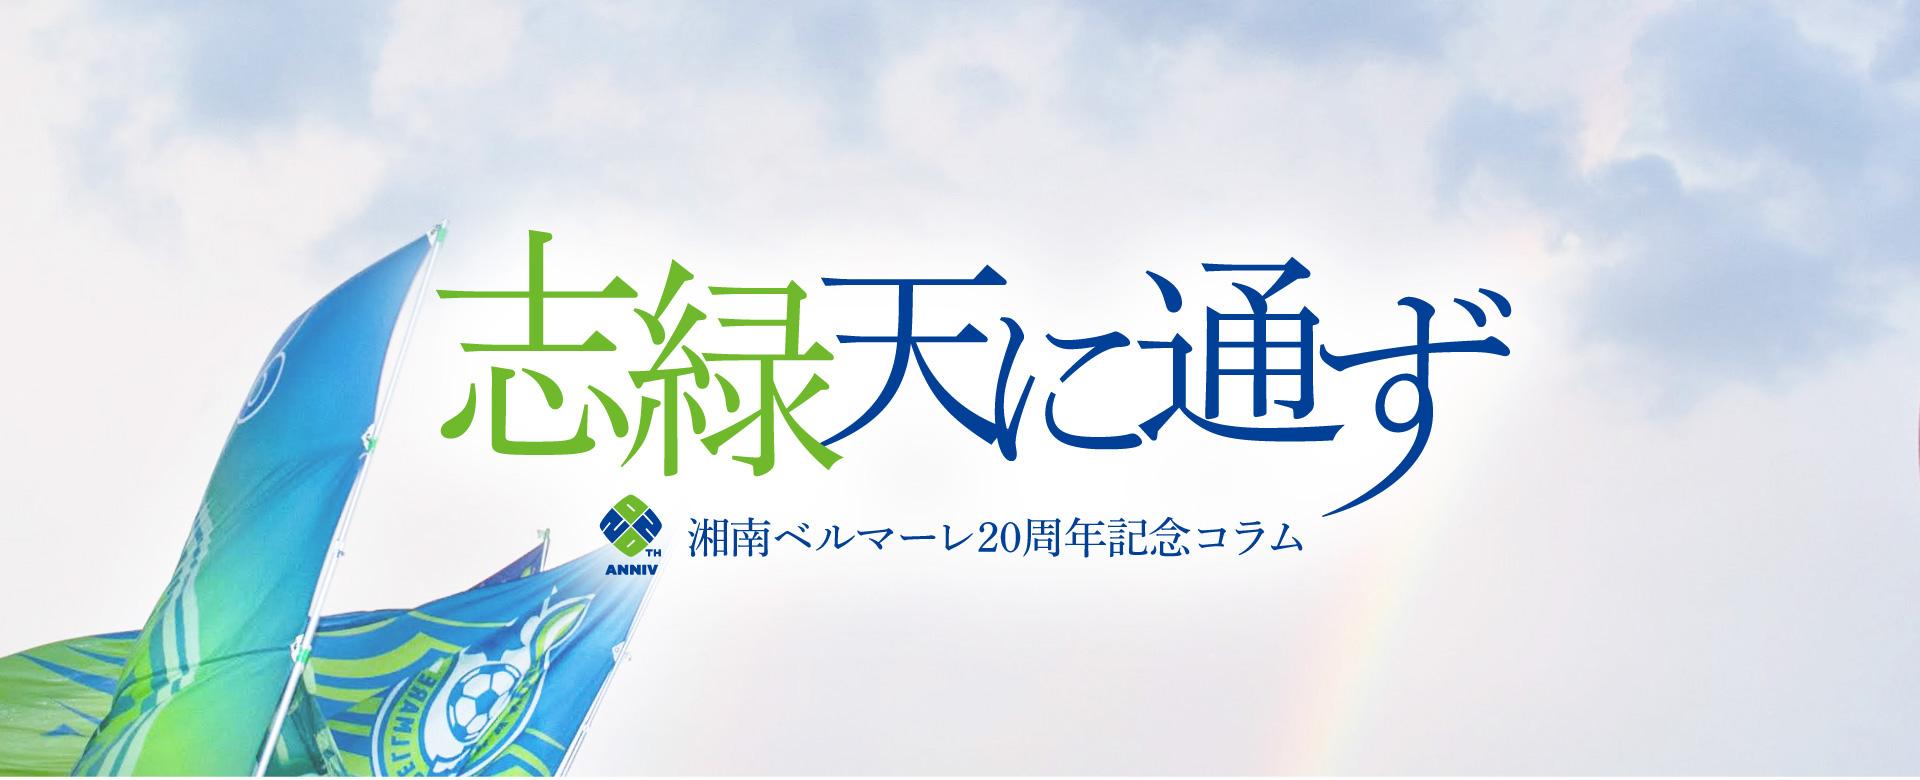 湘南ベルマーレ20周年記念コラム「志緑天に通ず」